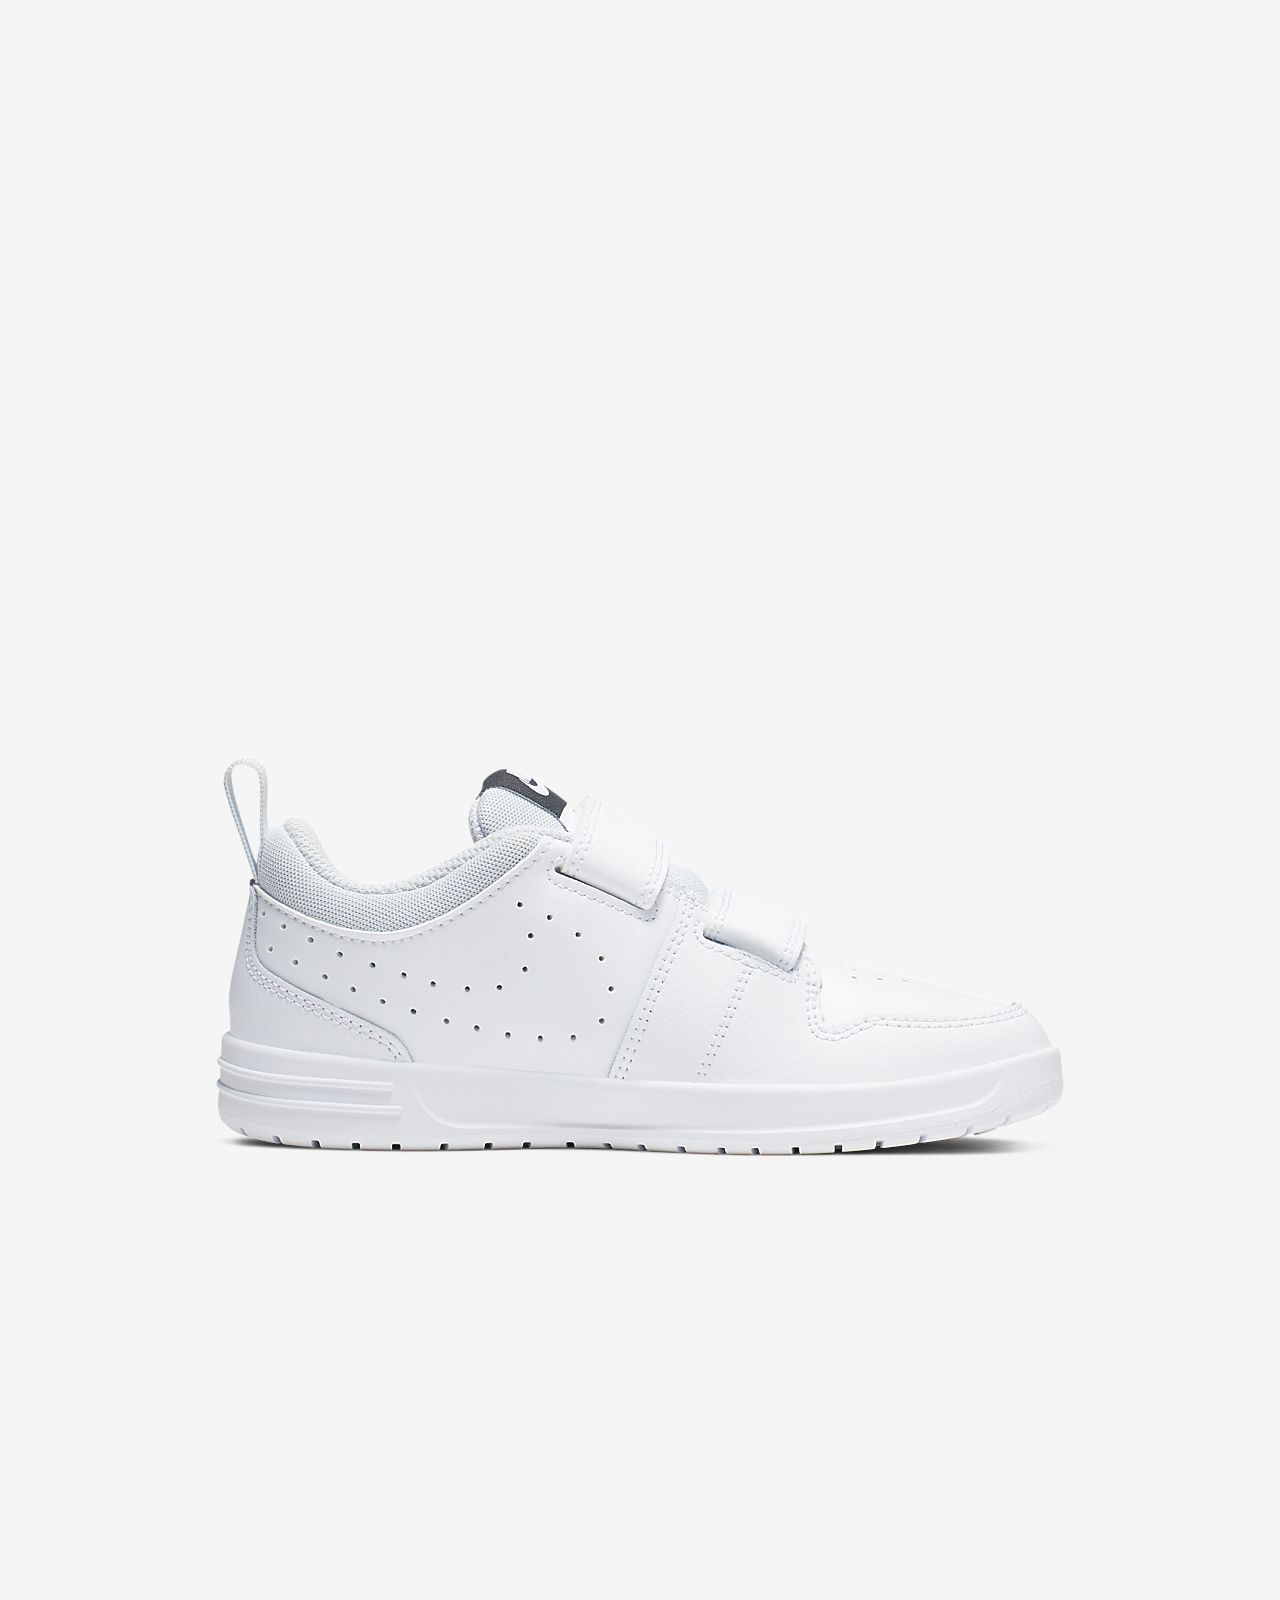 nike zapatillas blancas niño